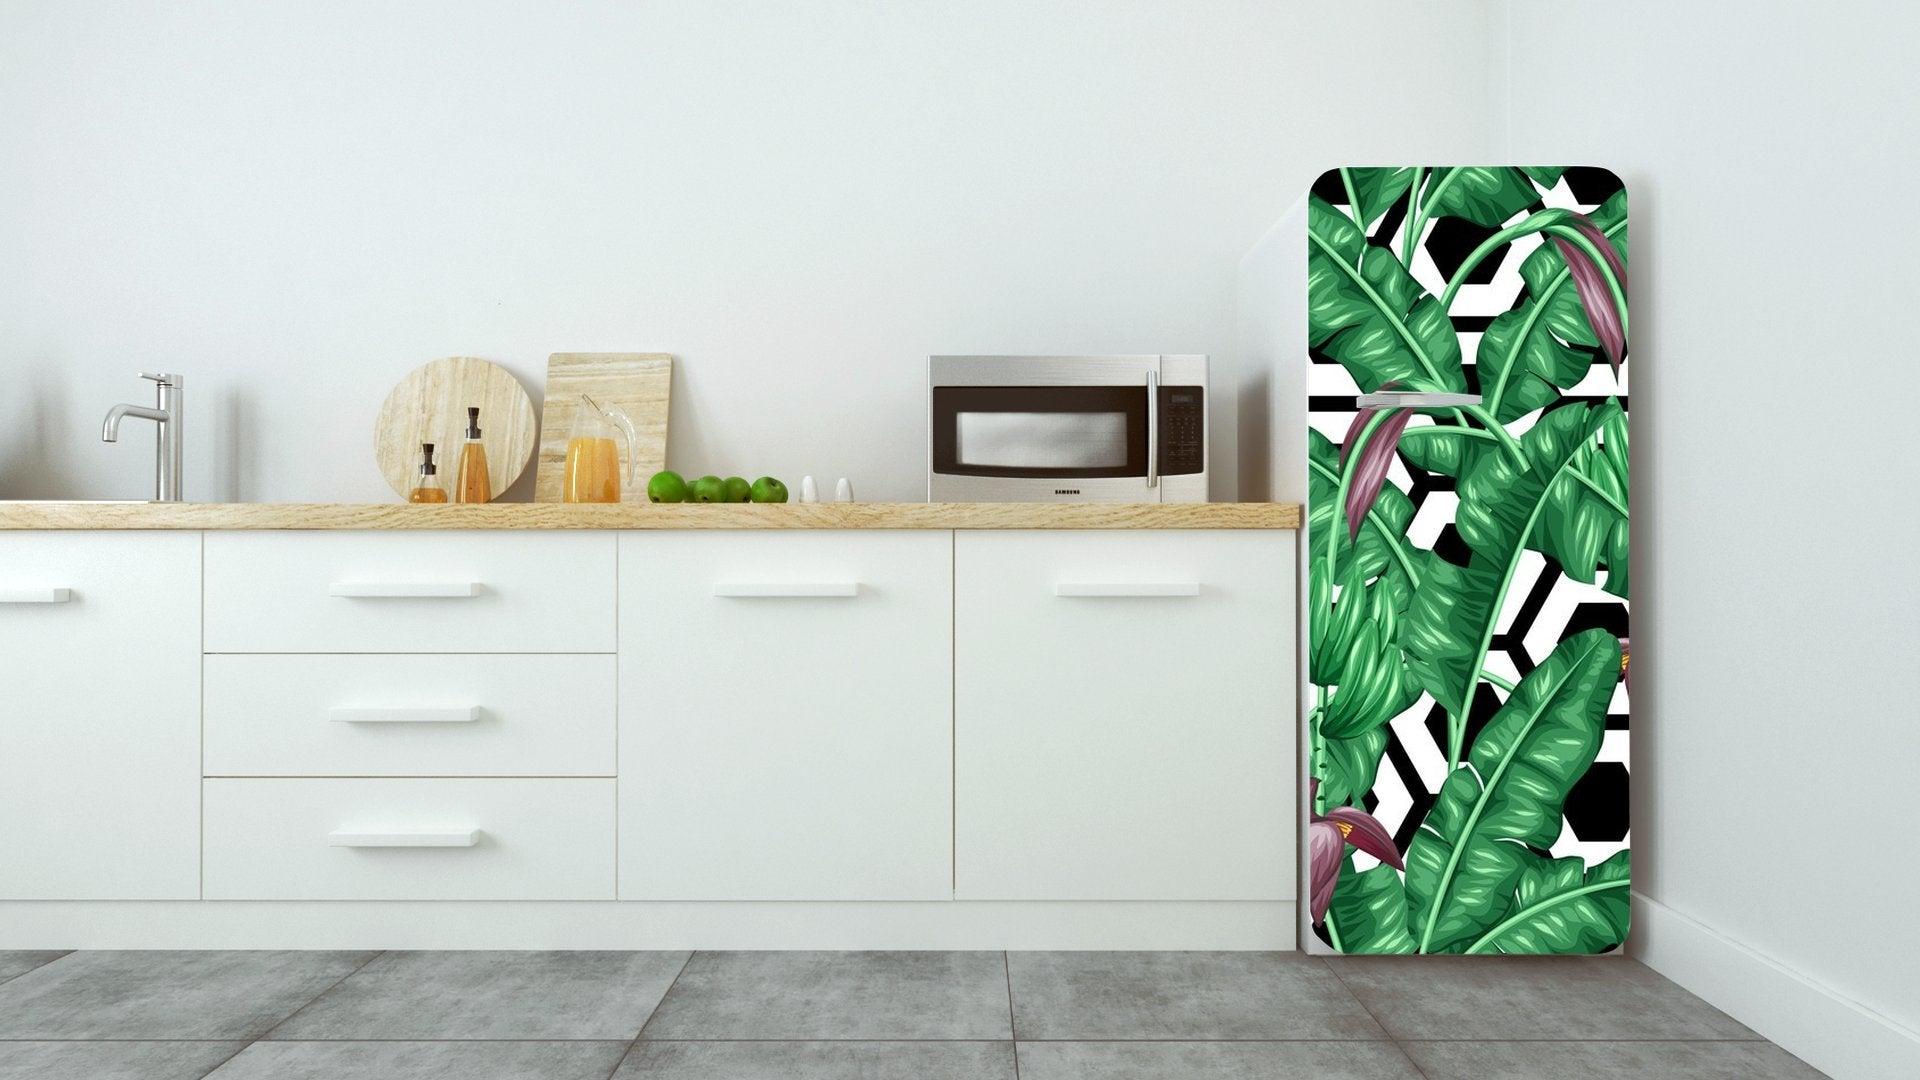 Cucina con frigo con adesivi tema natura